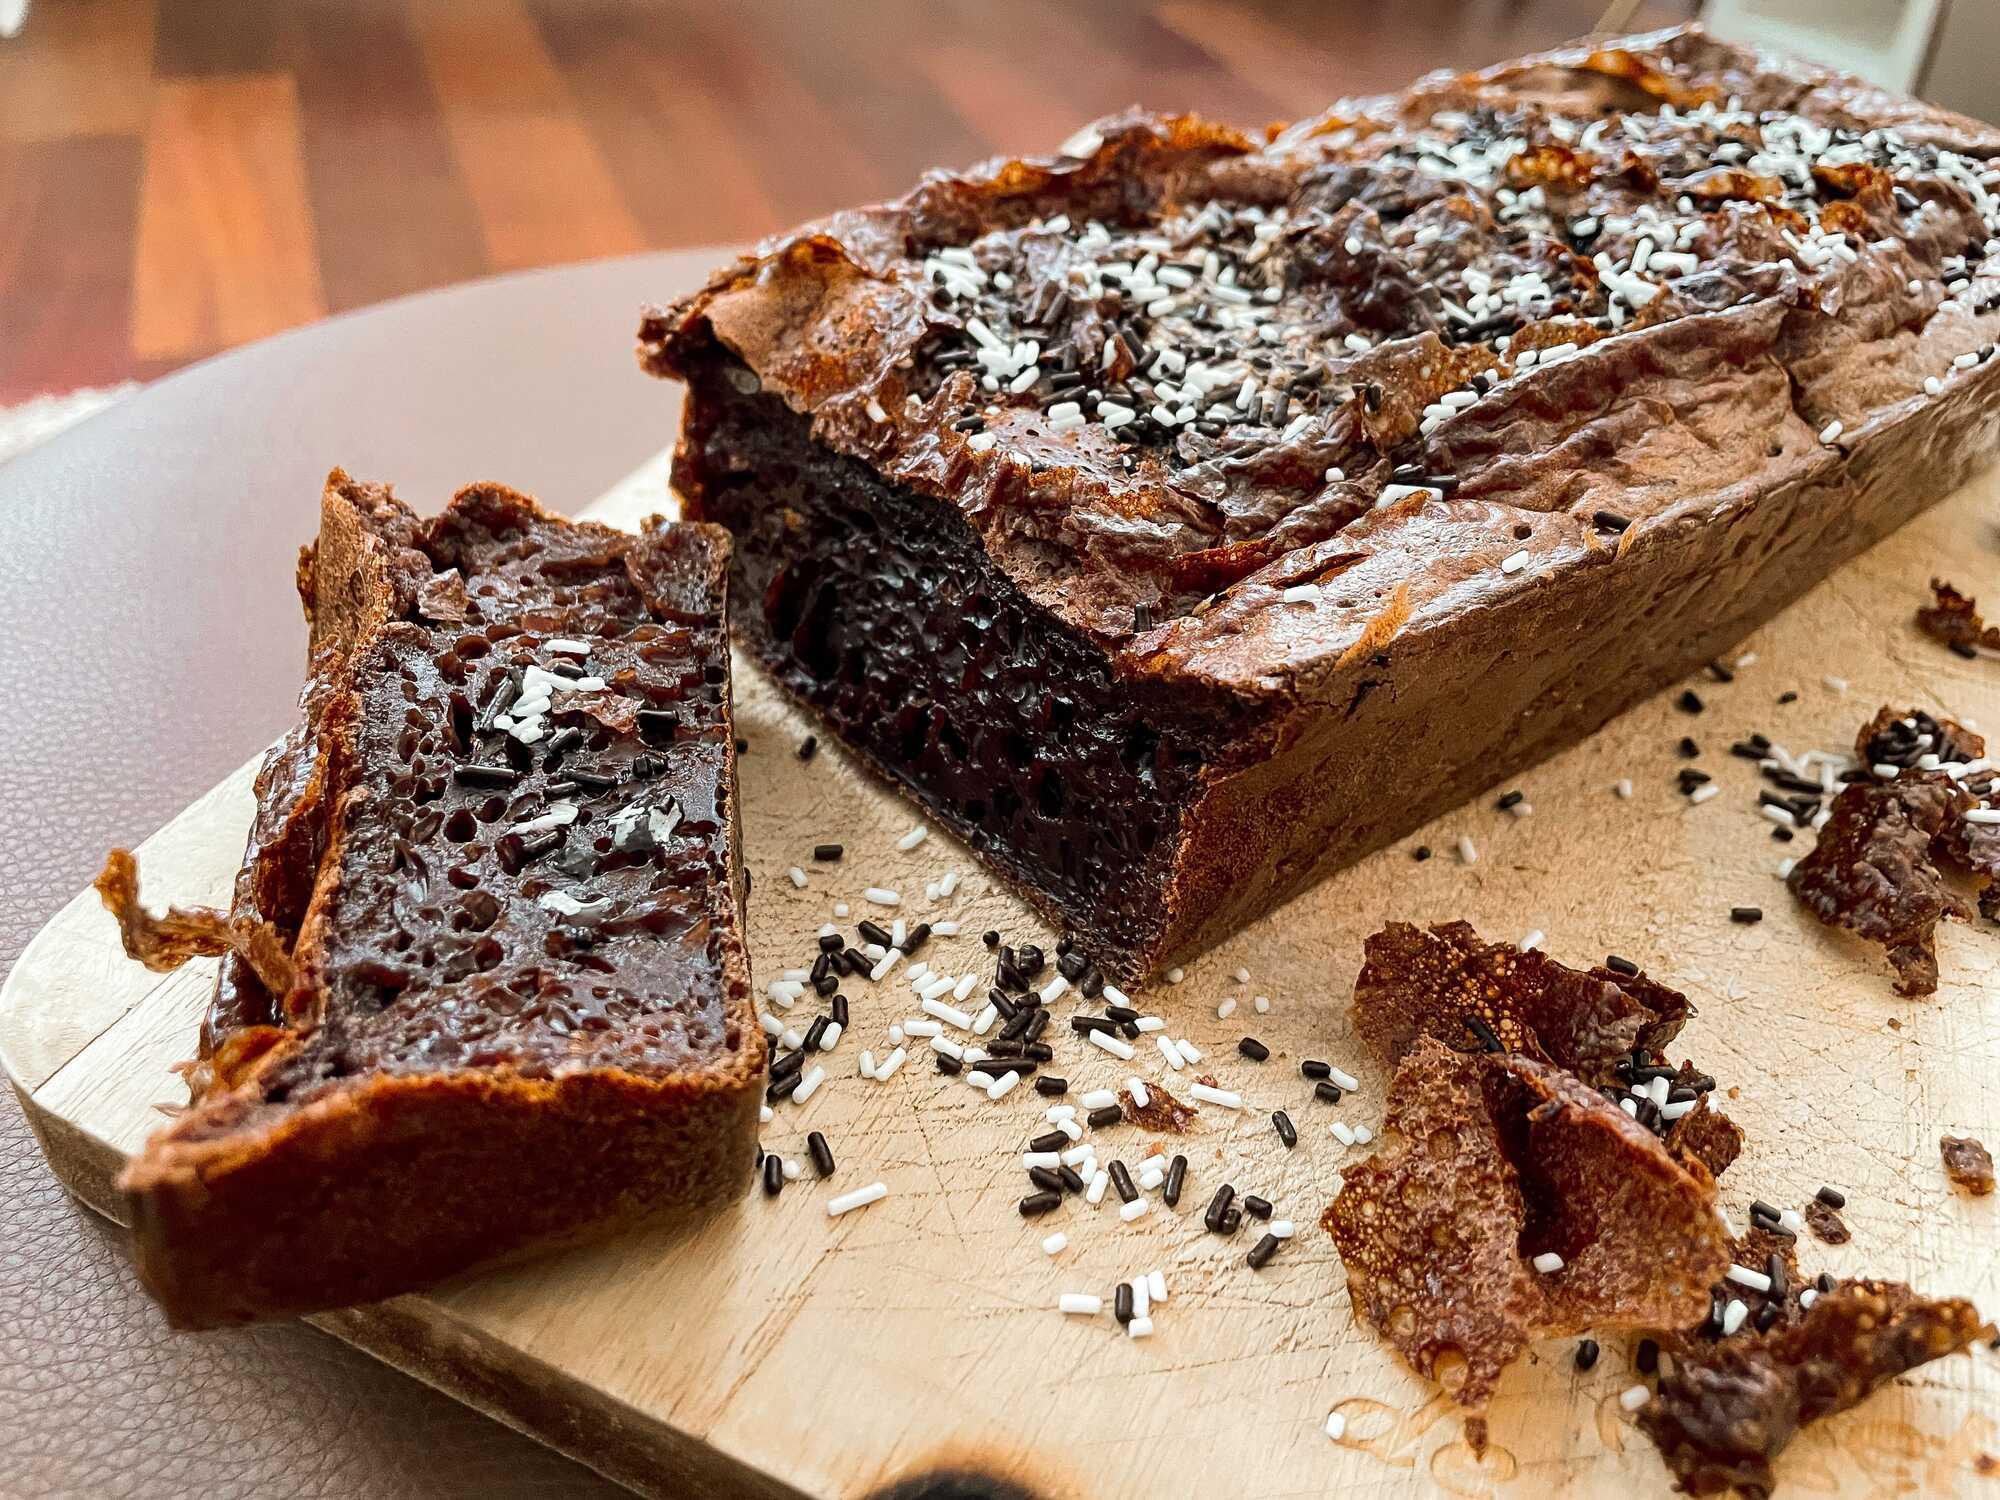 Le gâteau à la crème dessert chocolat est décoré de vermicelles au chocolat et il est posé sur une planche en bois.